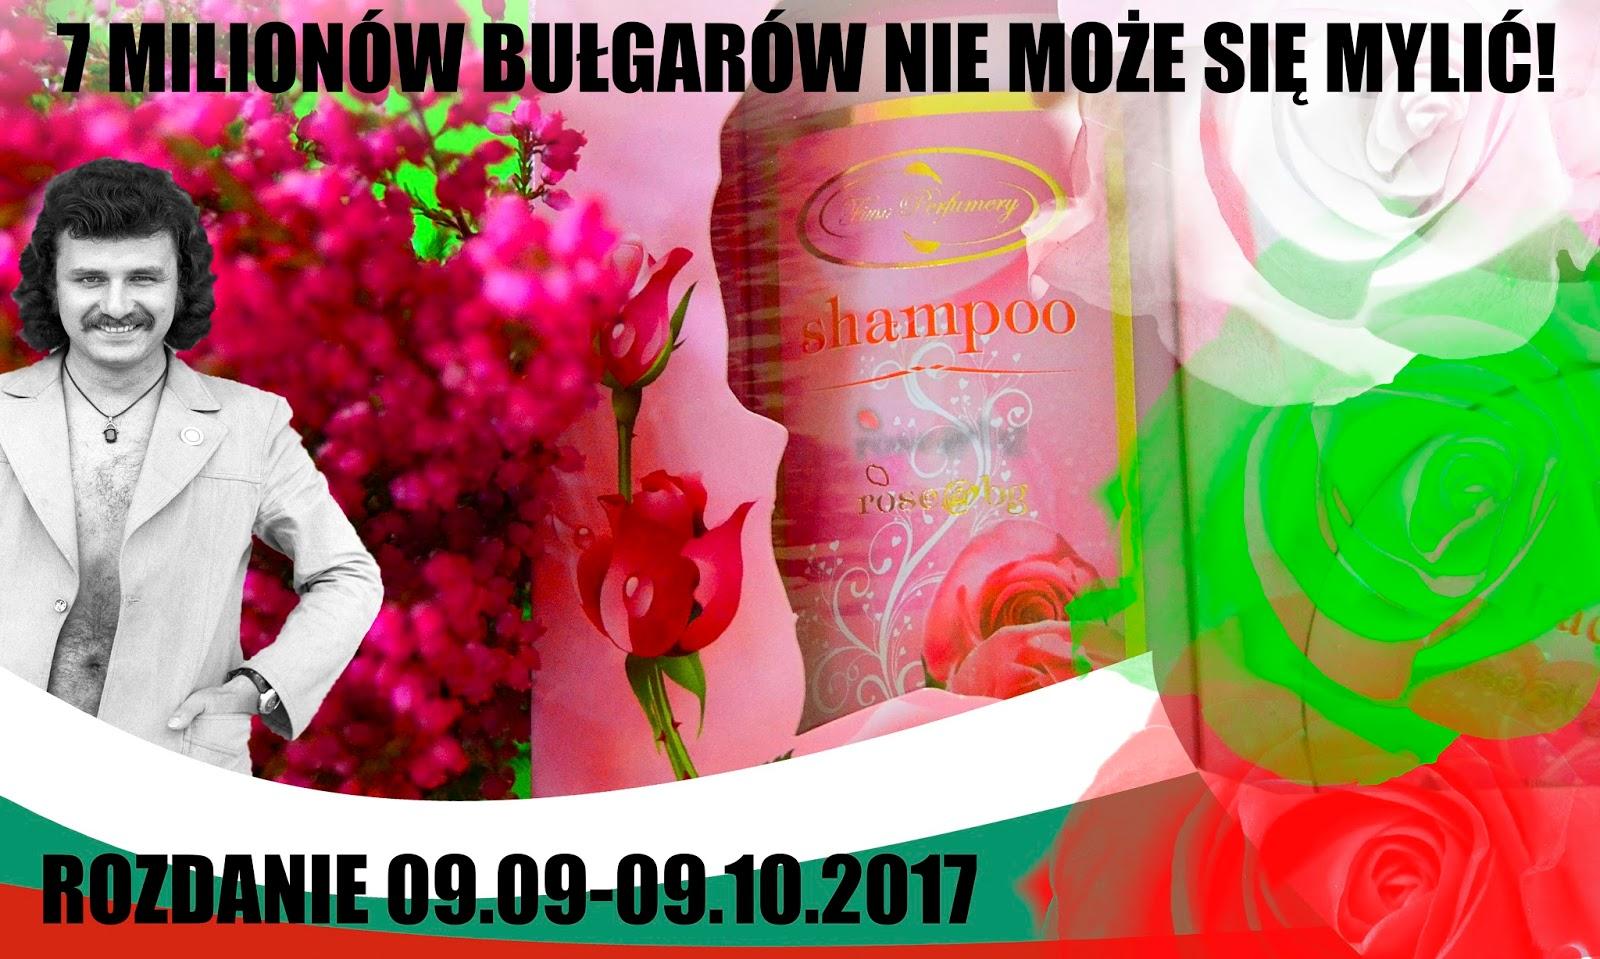 https://hairwitchproject.blogspot.com/2017/10/wyniki-mini-rozdania-7-milionow-bugarow.html